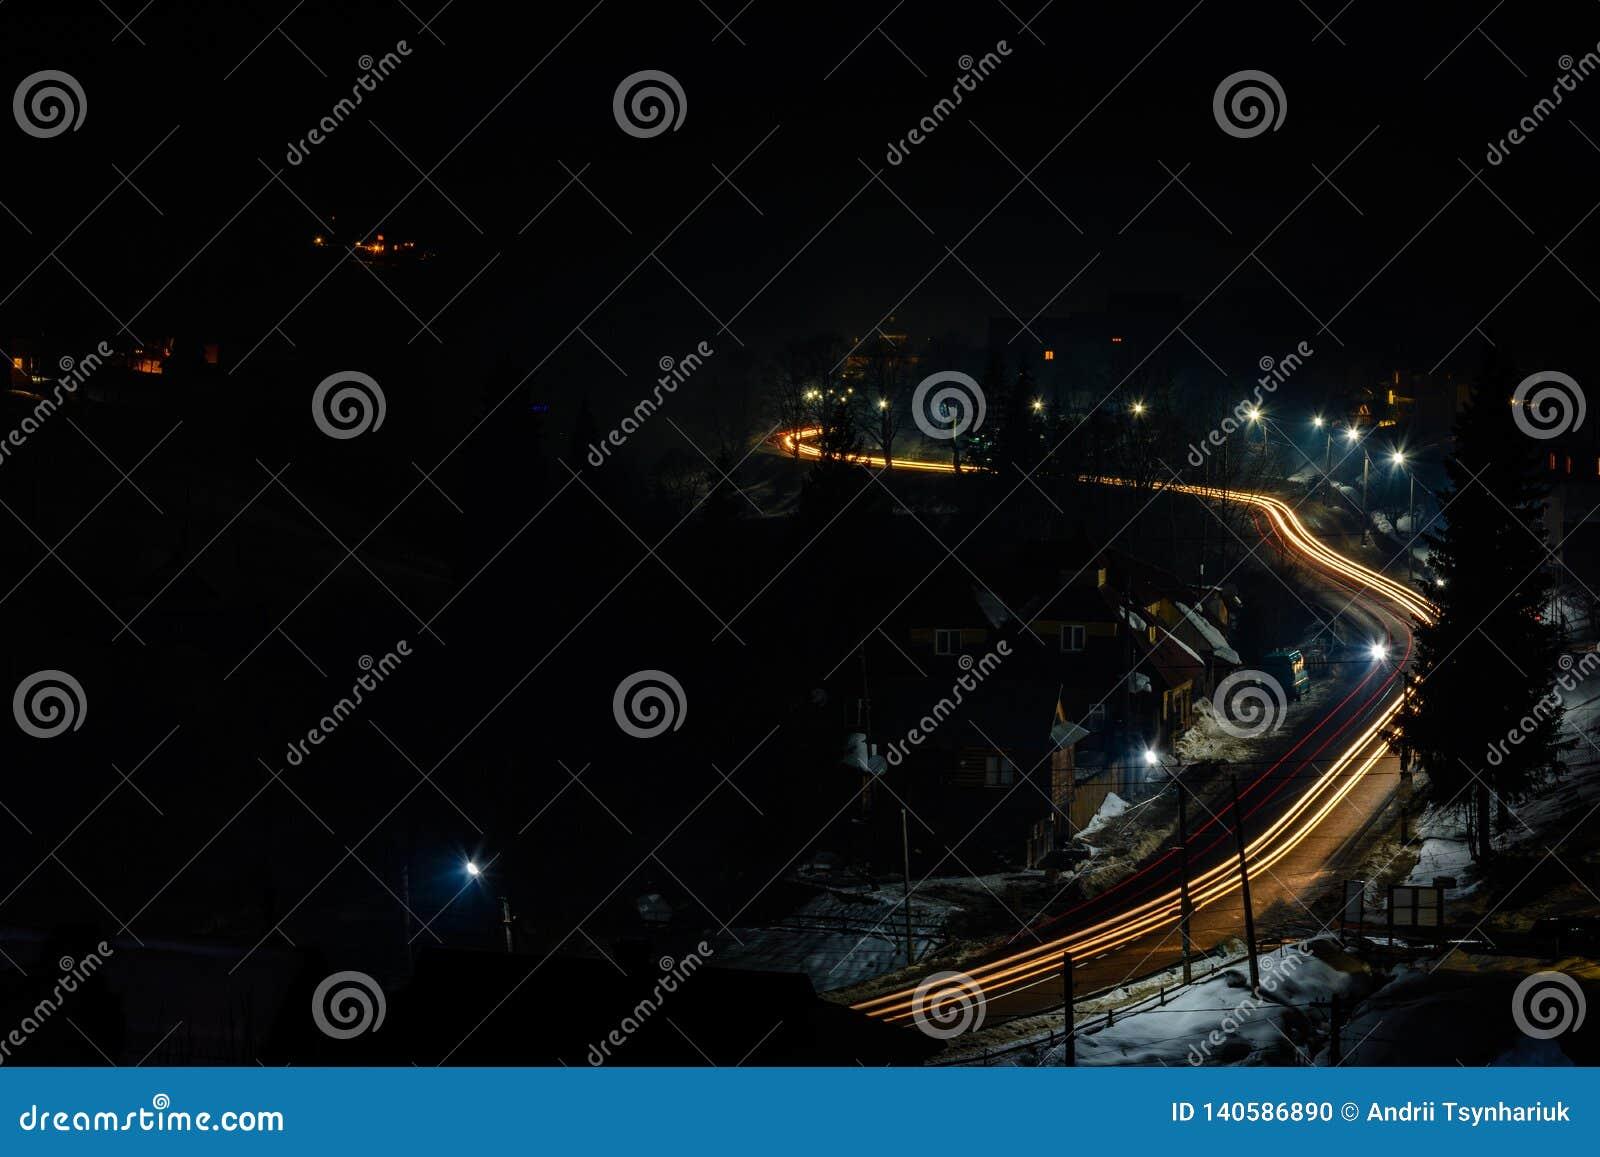 Prachtig nachtlandschap van het Oekraïense dorp in heldere lichte en vage automobiele lichten